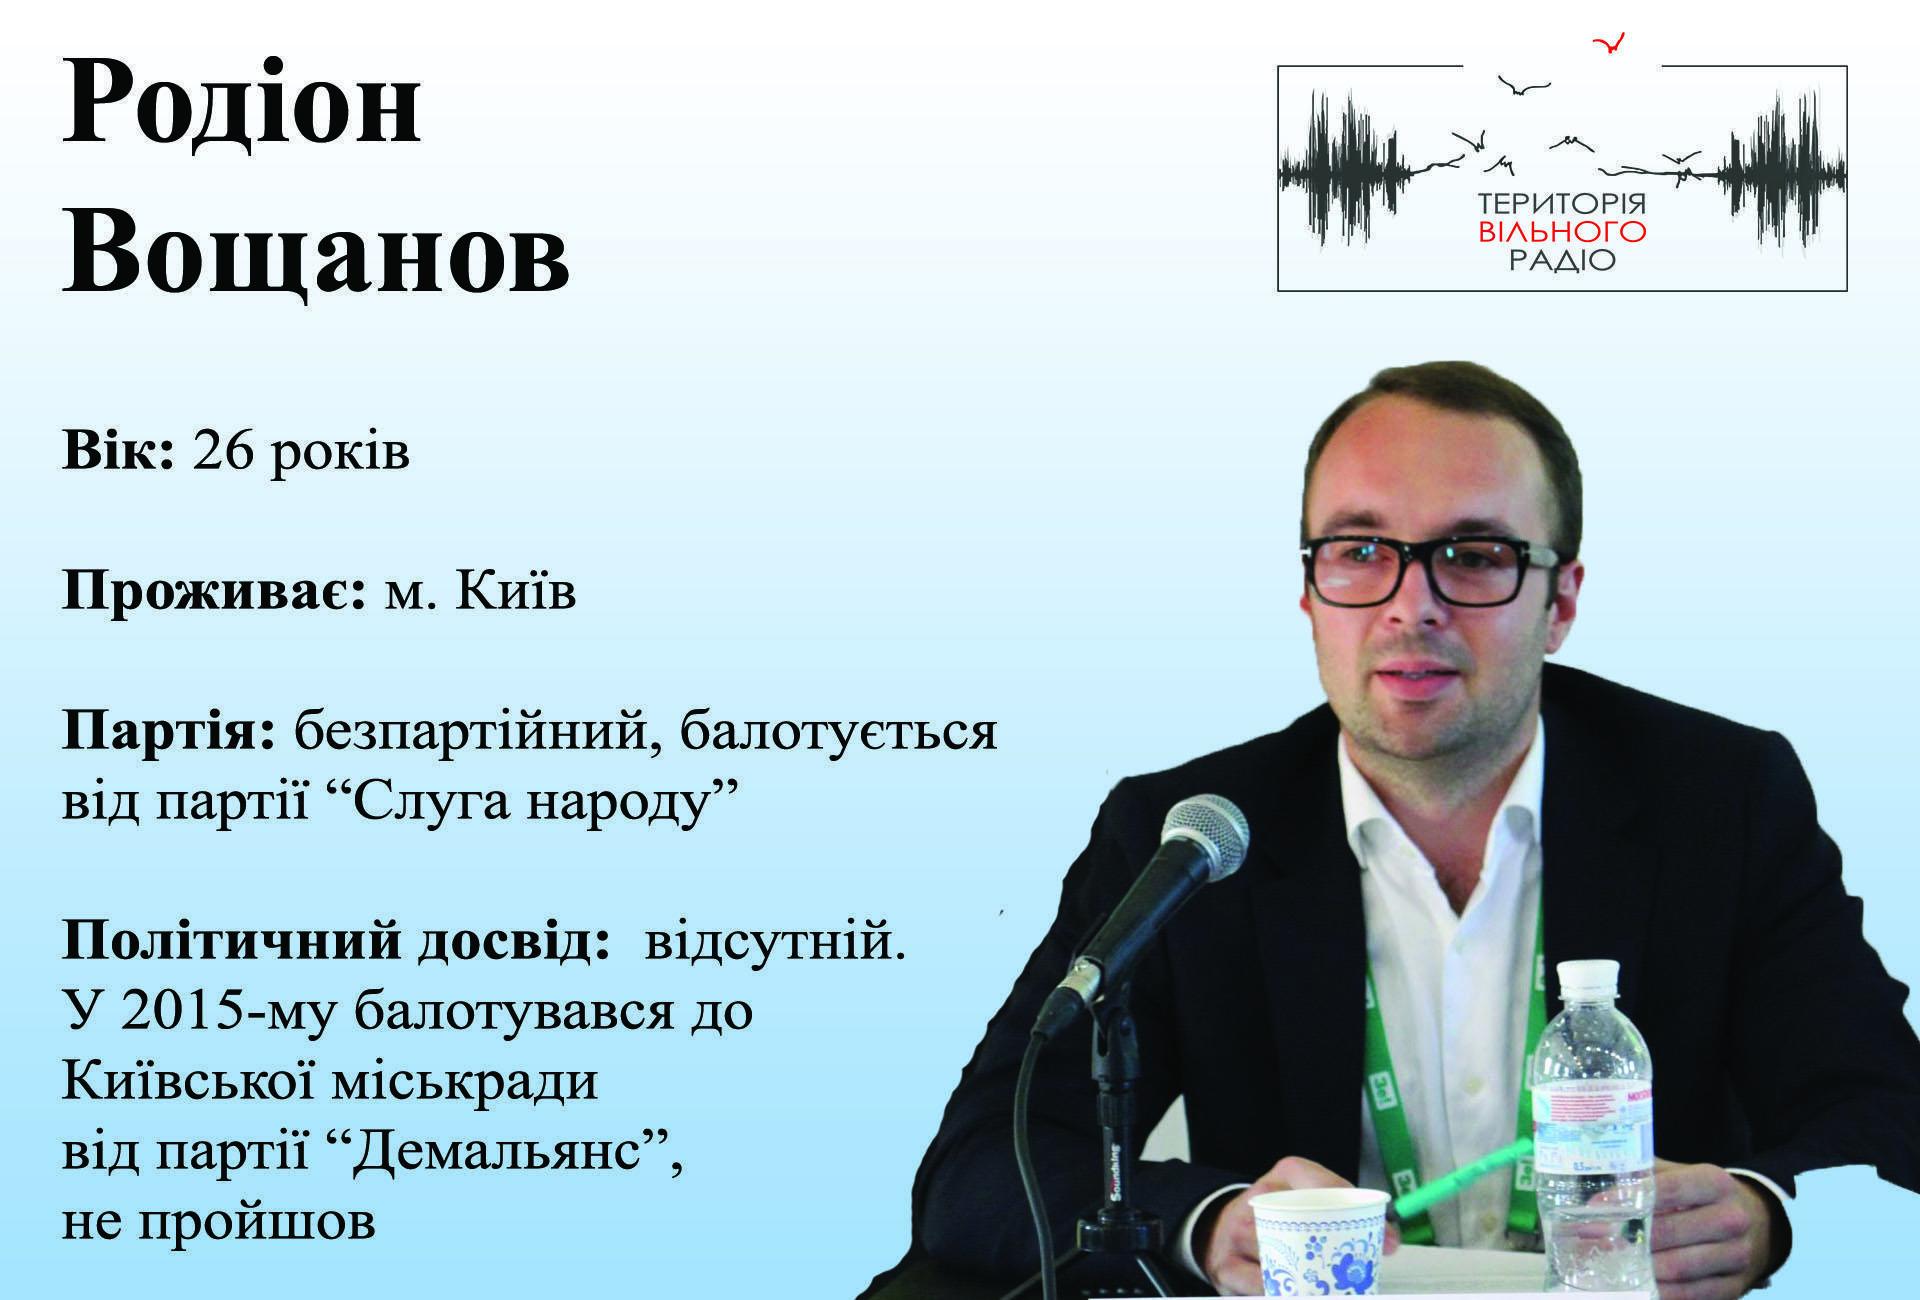 Родіон Вощанов 46 виборчий округ, партія Слуга народу